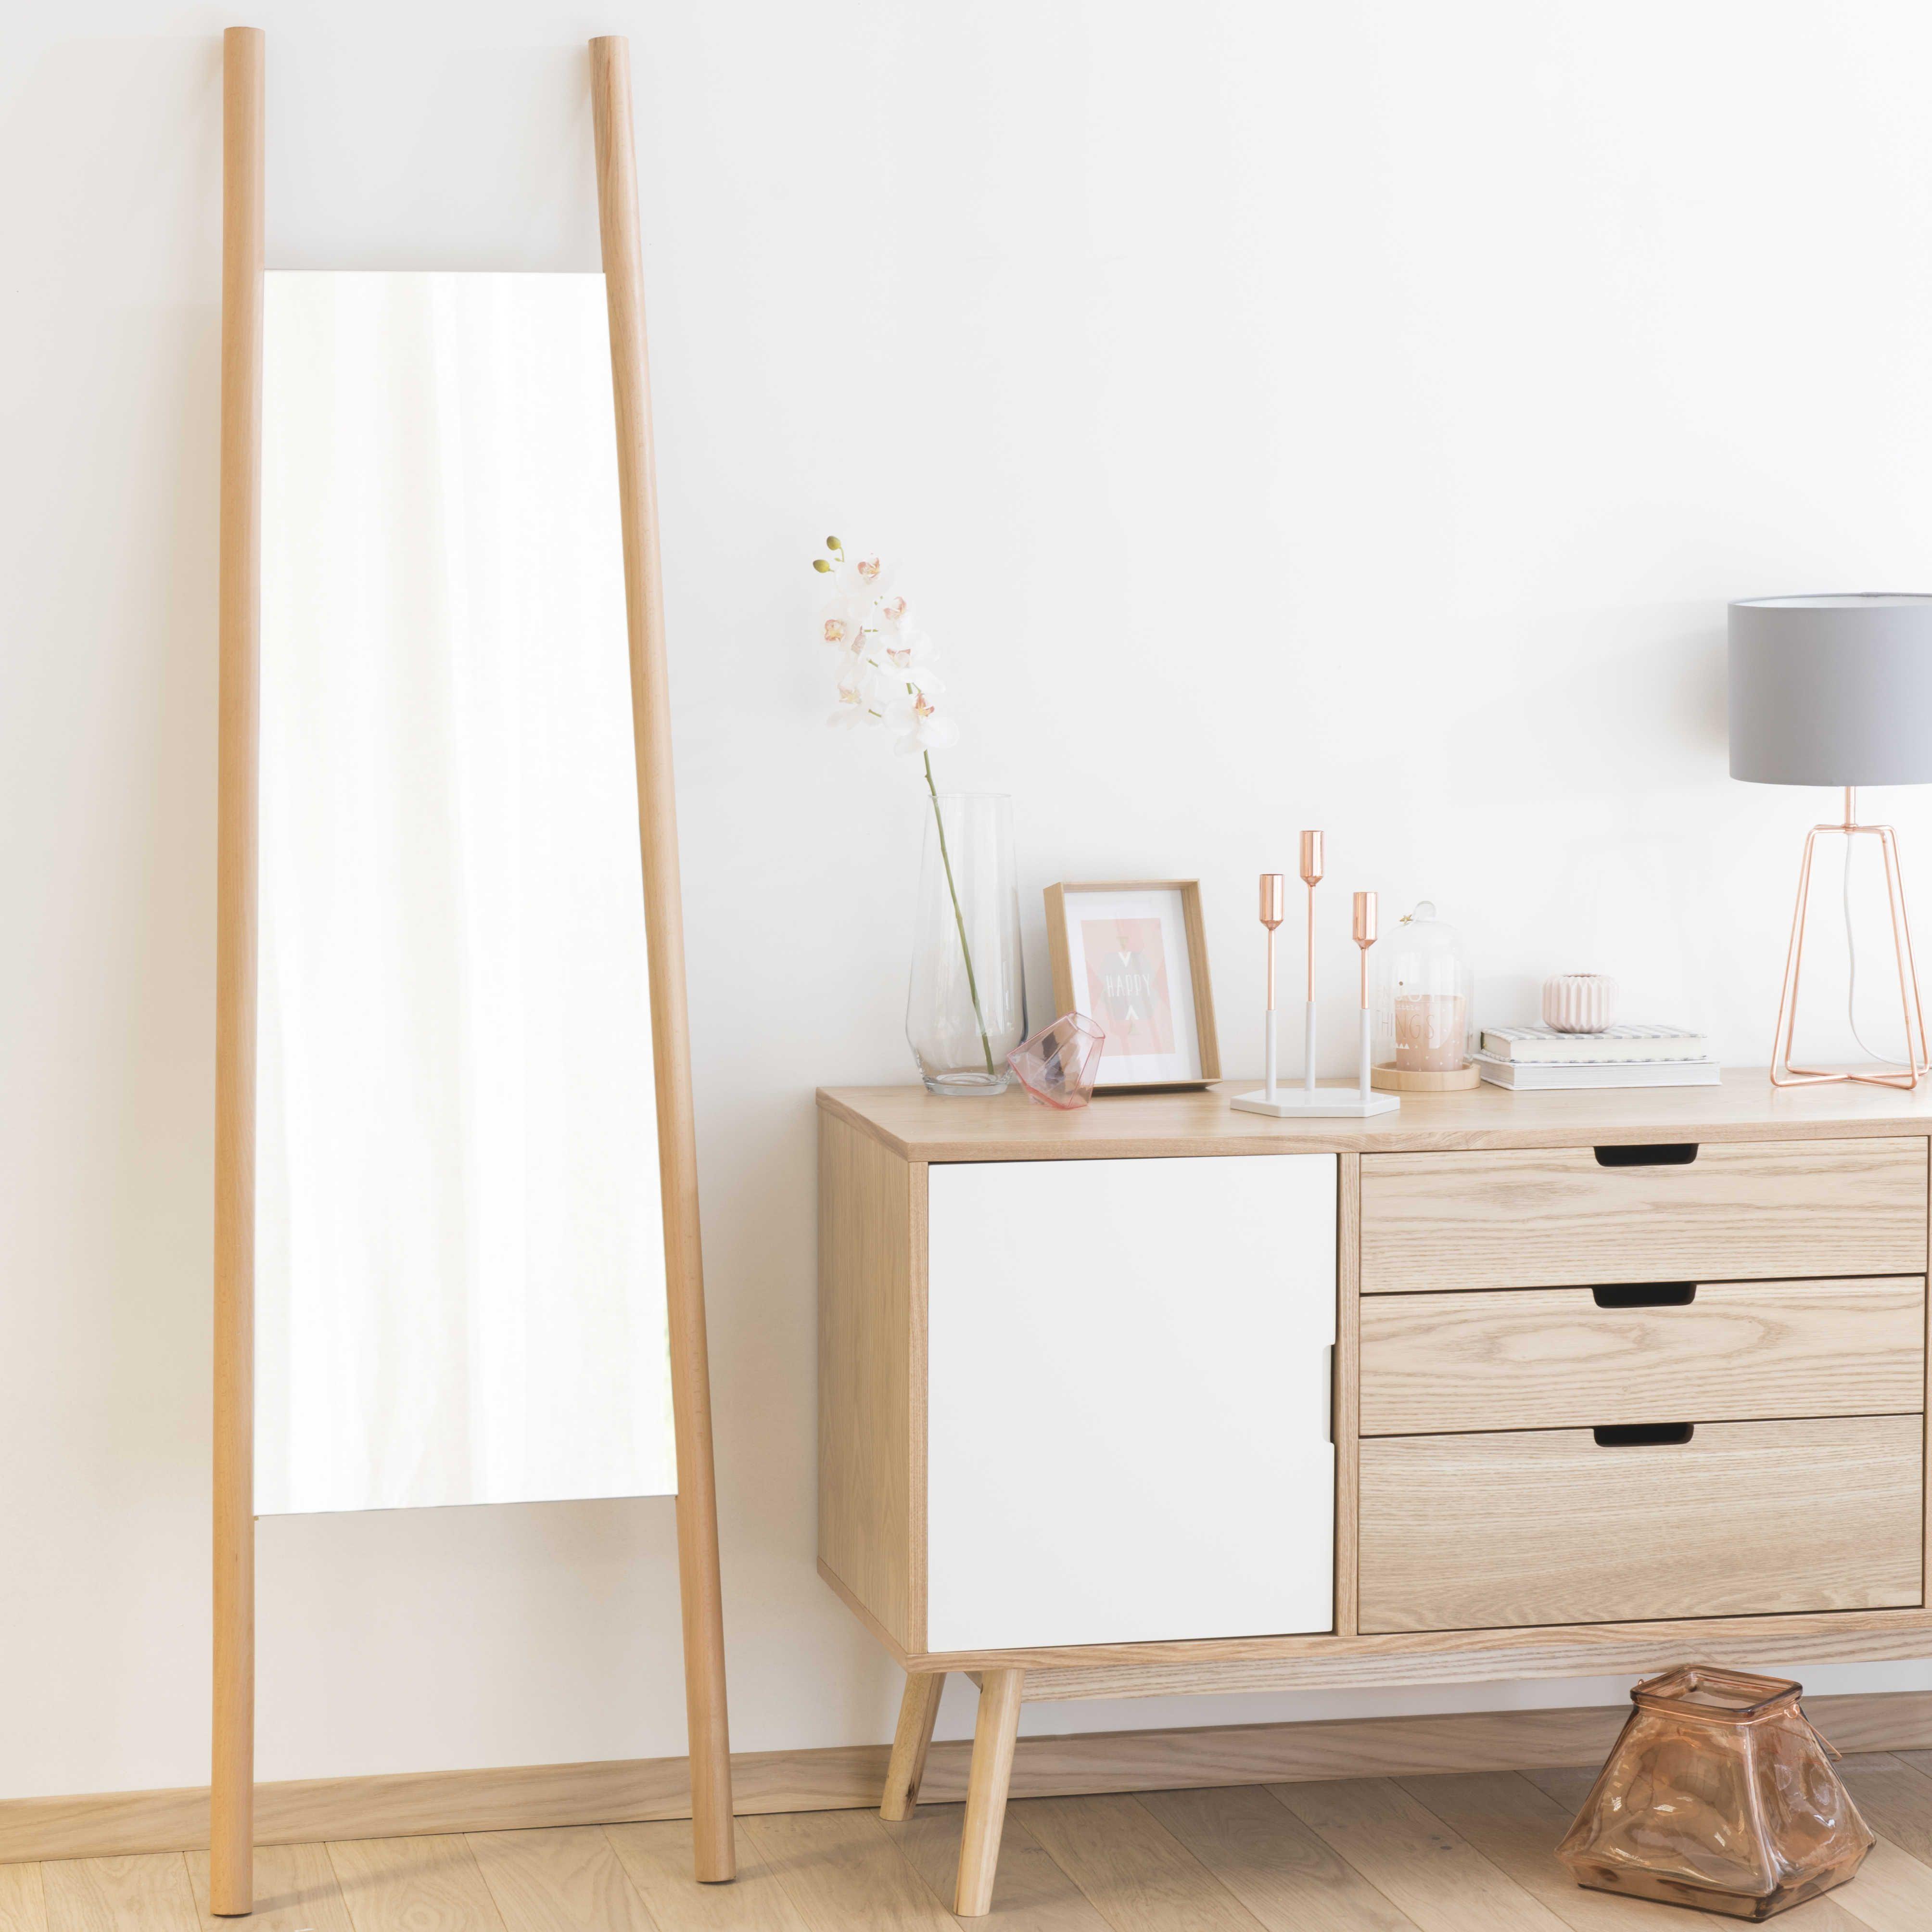 Miroir en bois h 180 cm miroir en bois miroirs et en bois - Miroir mural 180 cm ...